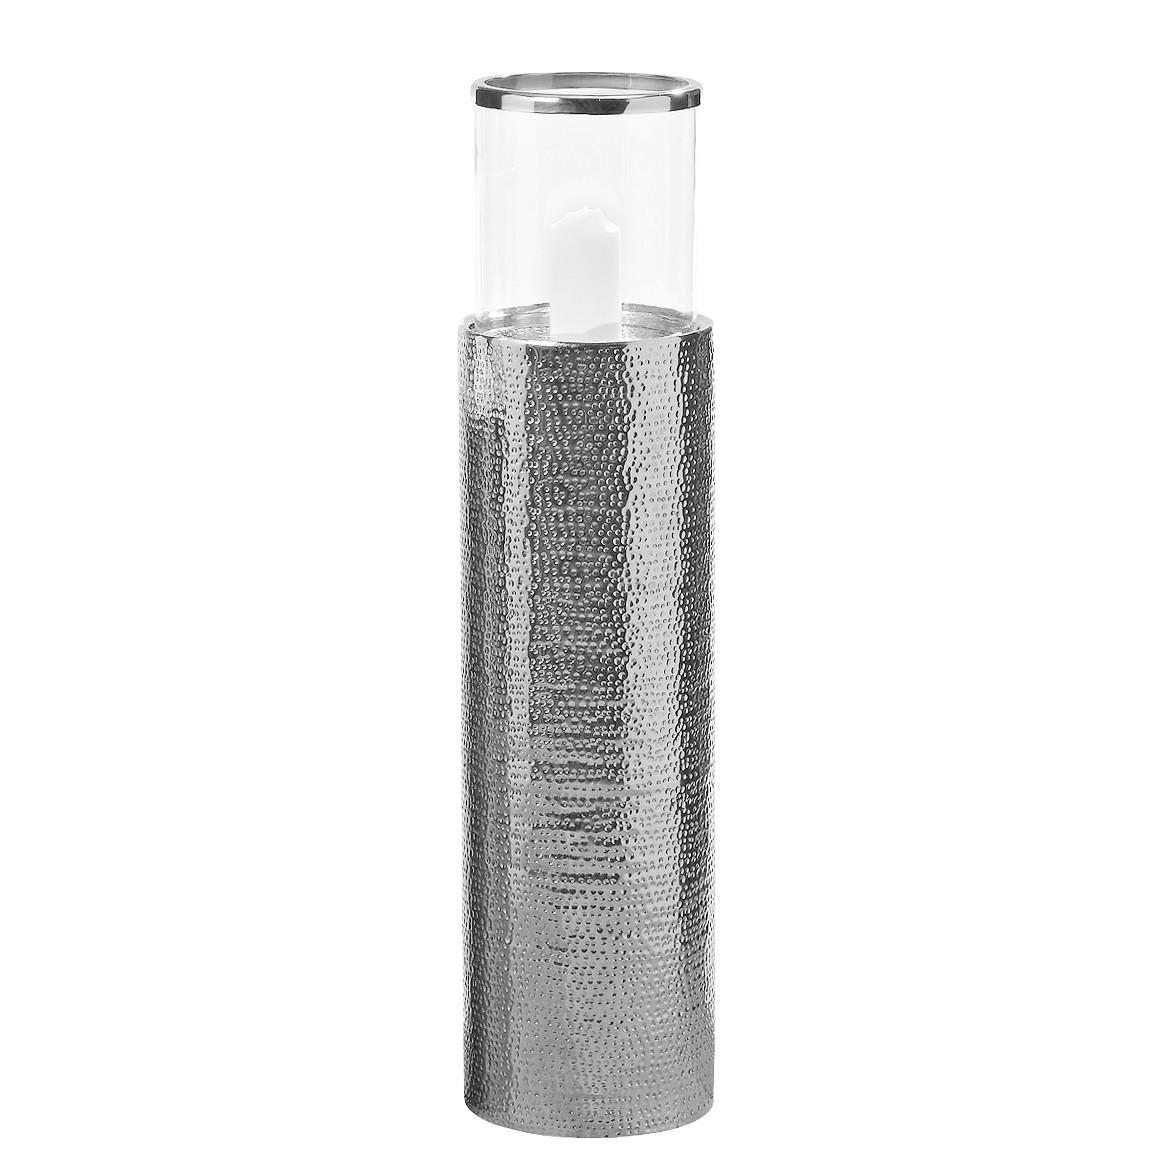 Windlicht Selina - ijzer - zilverkleurig - 104, ars manufacti